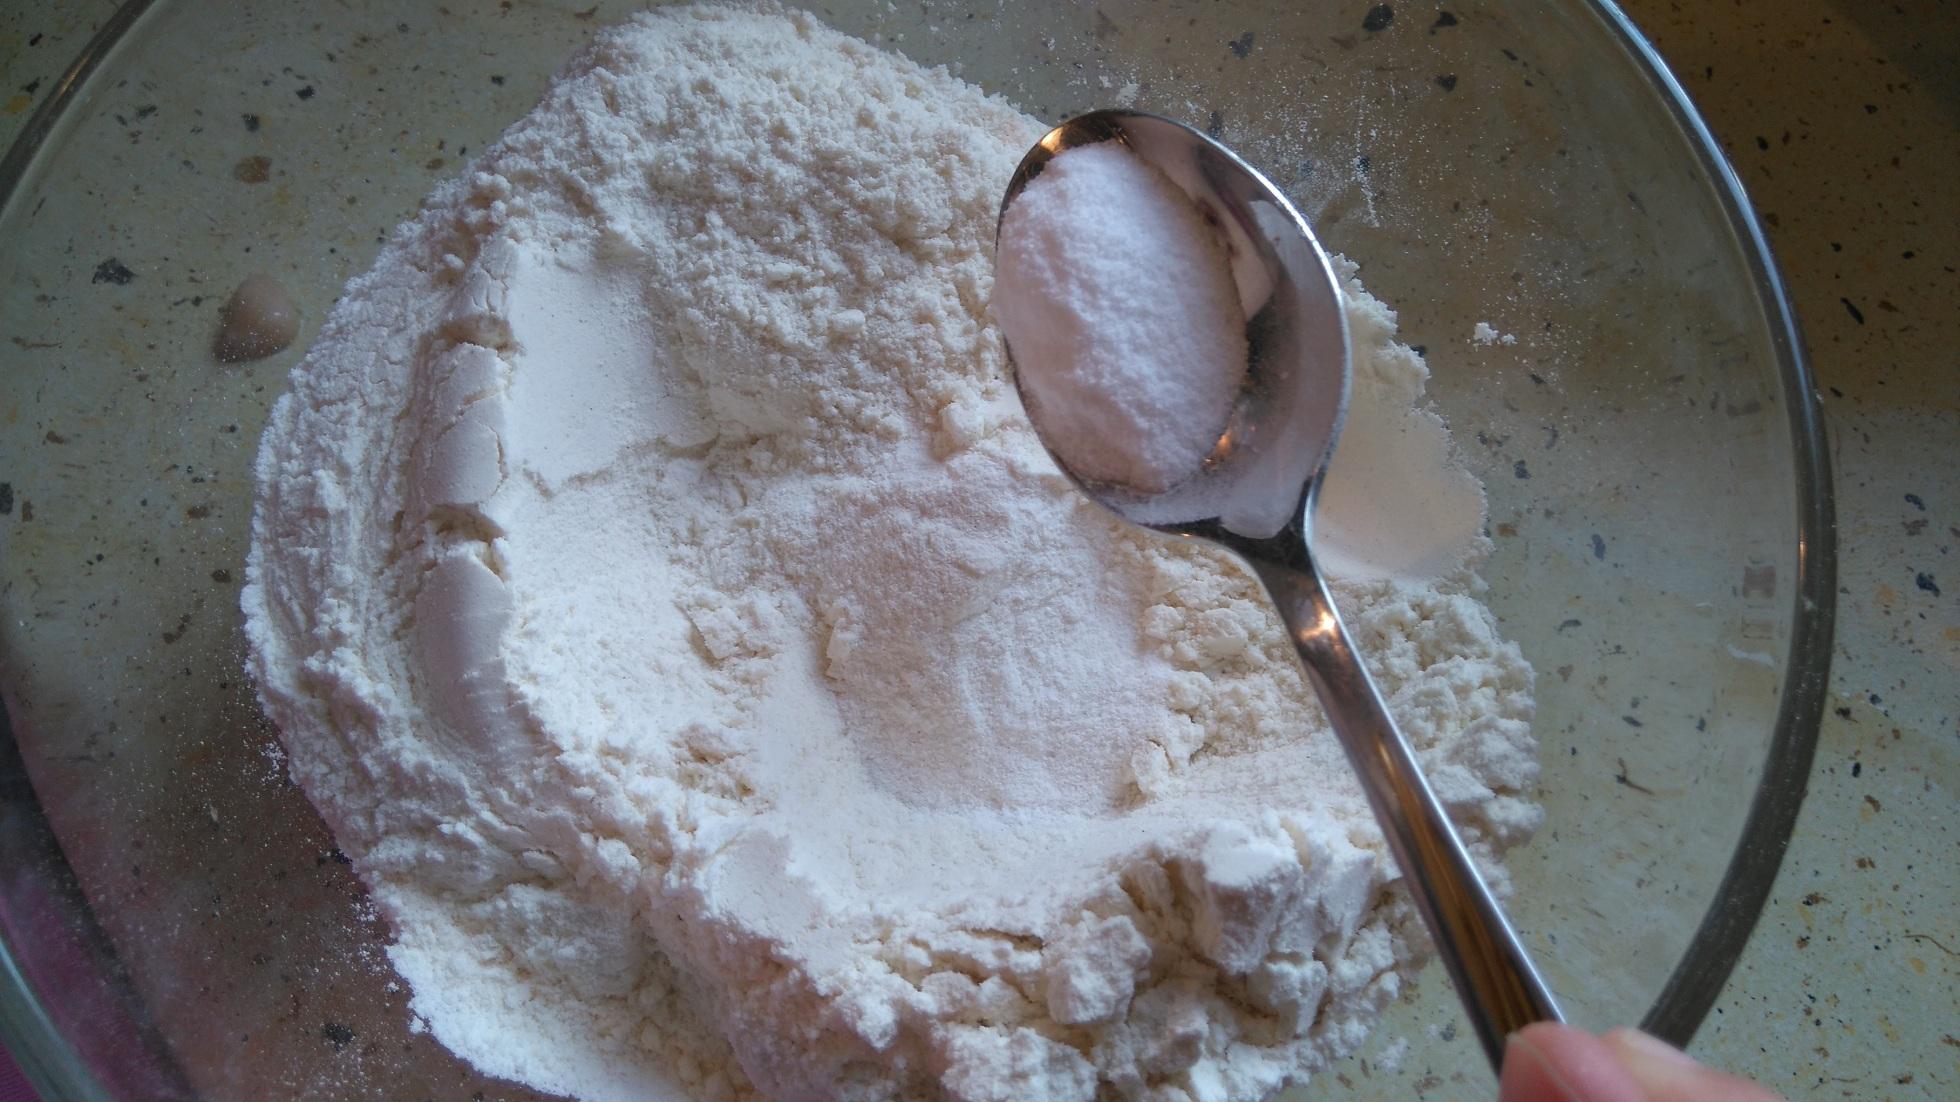 łyżeczka z proszkiem do pieczenia na tle miski z mąką